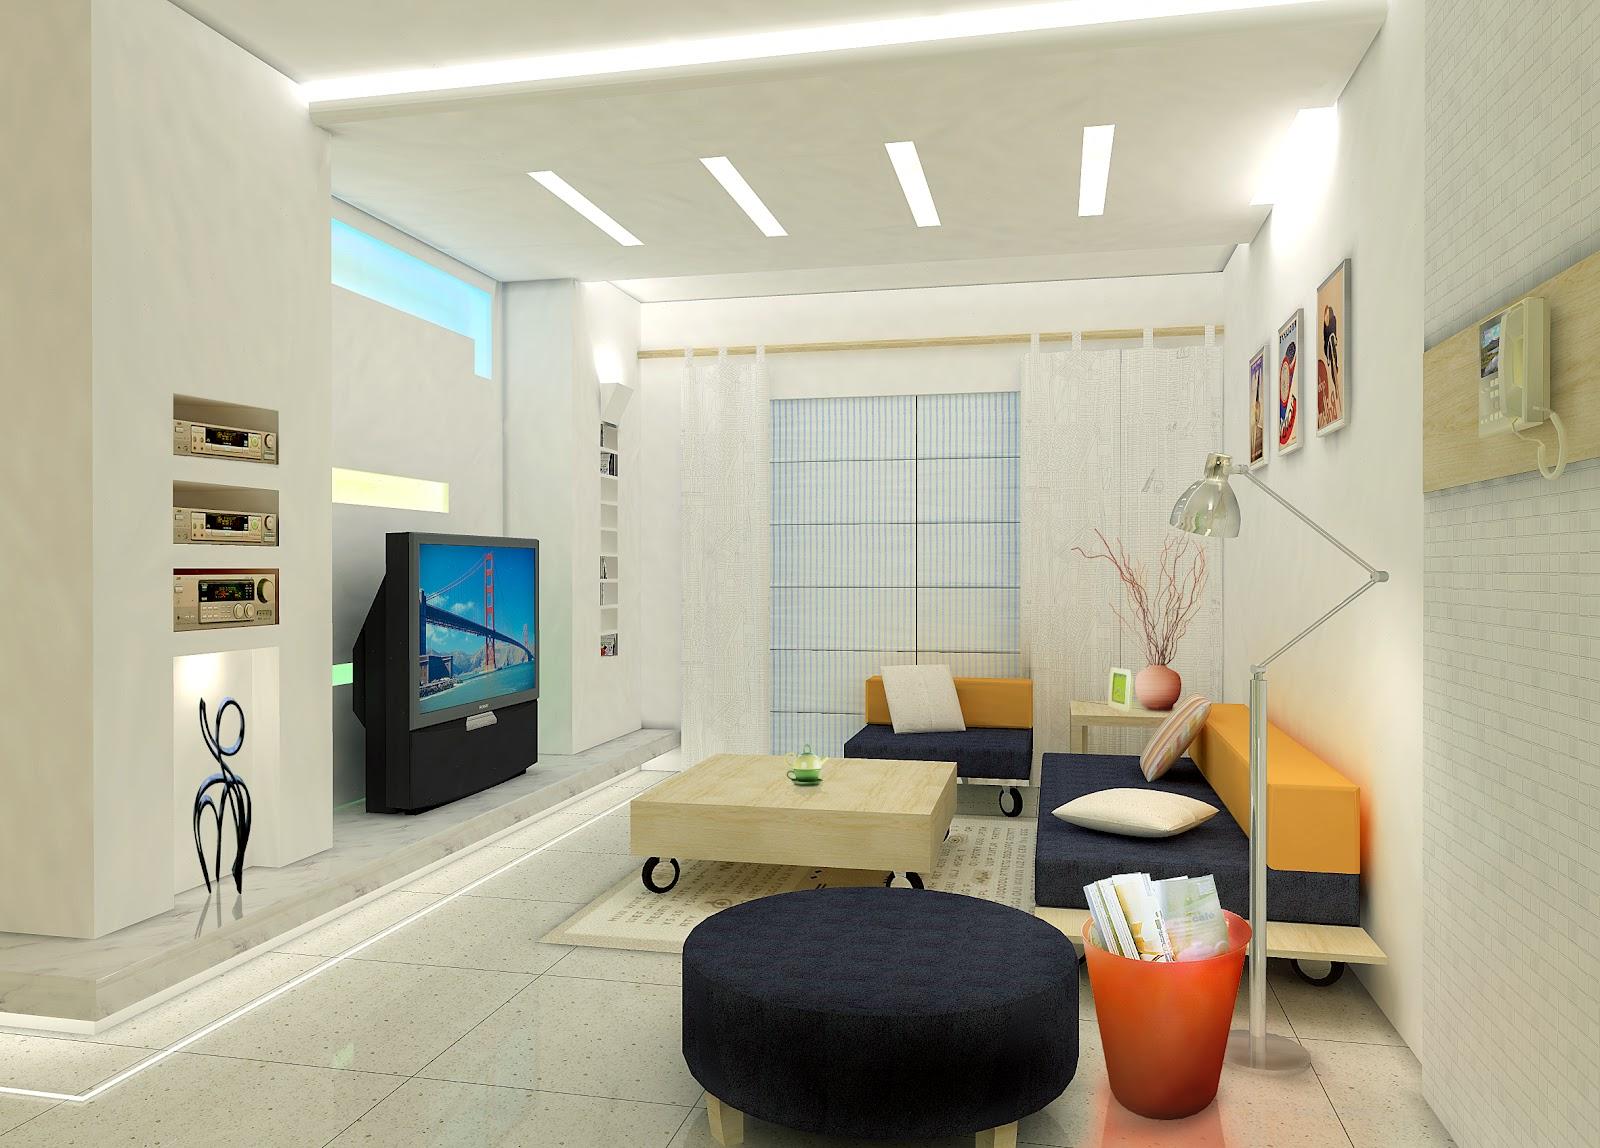 Koleksi Idea Dekorasi Ruang Tamu Rumah Teres Setingkat - Hias.my